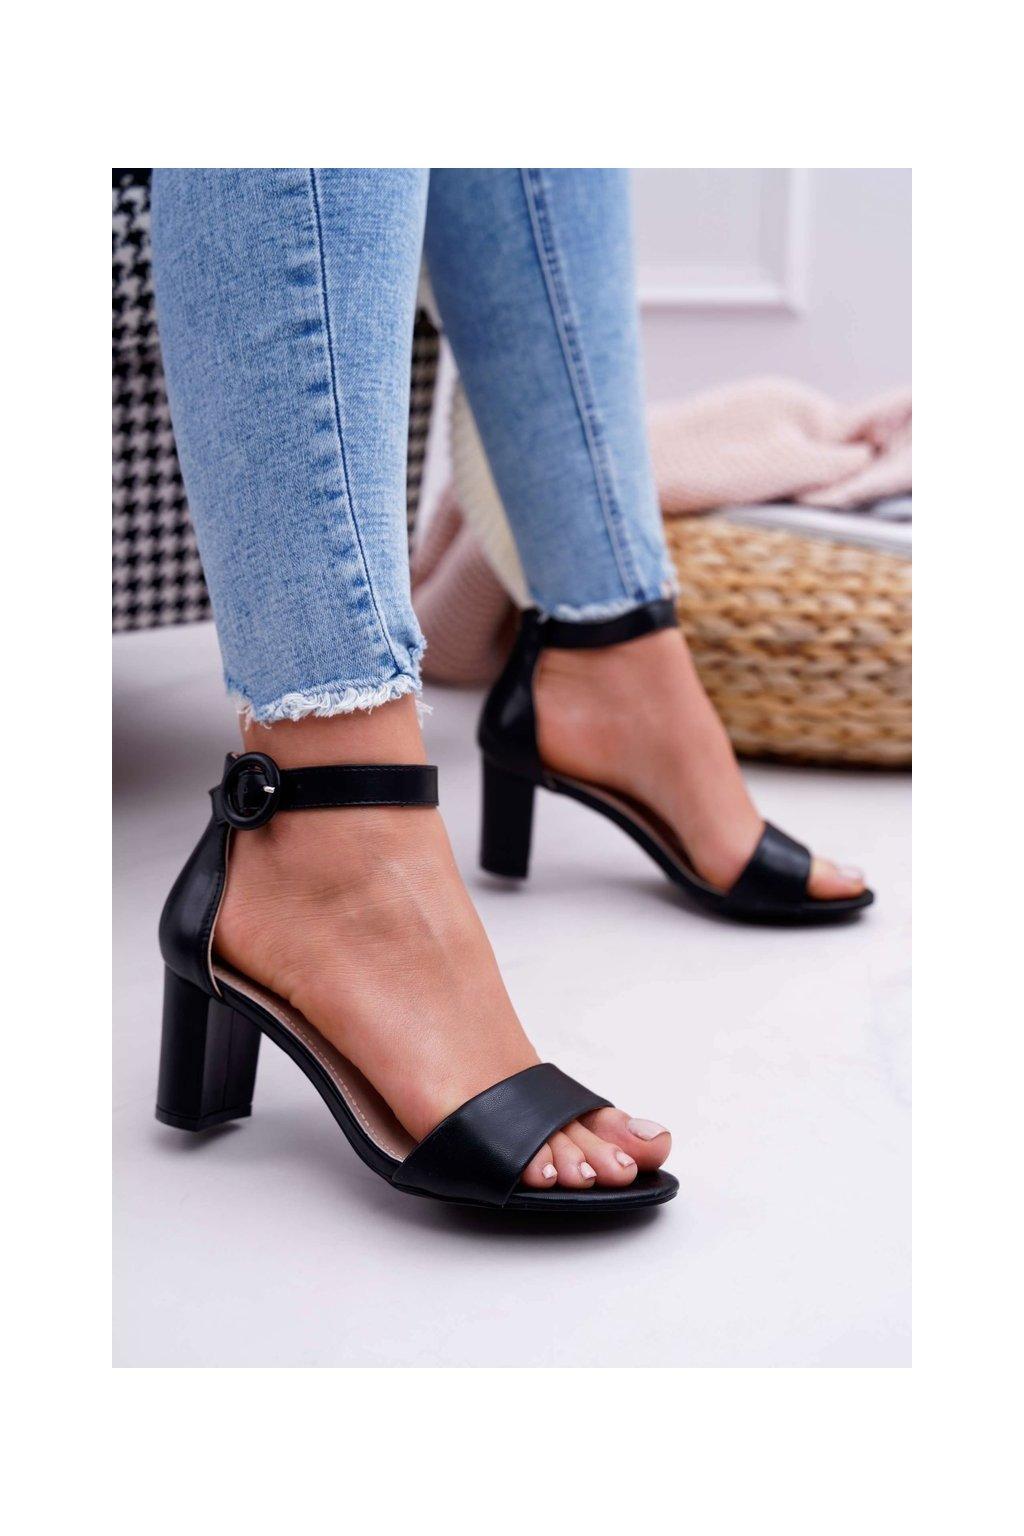 Dámske Sandále na podpätku čierne Lexi